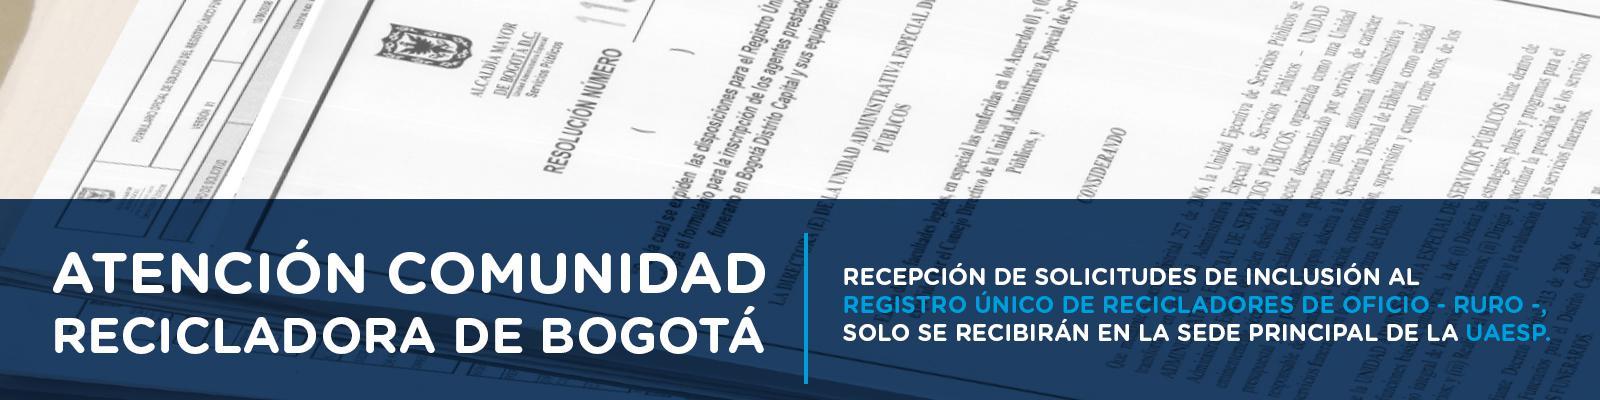 Recepción solicitudes registro único de recicladores